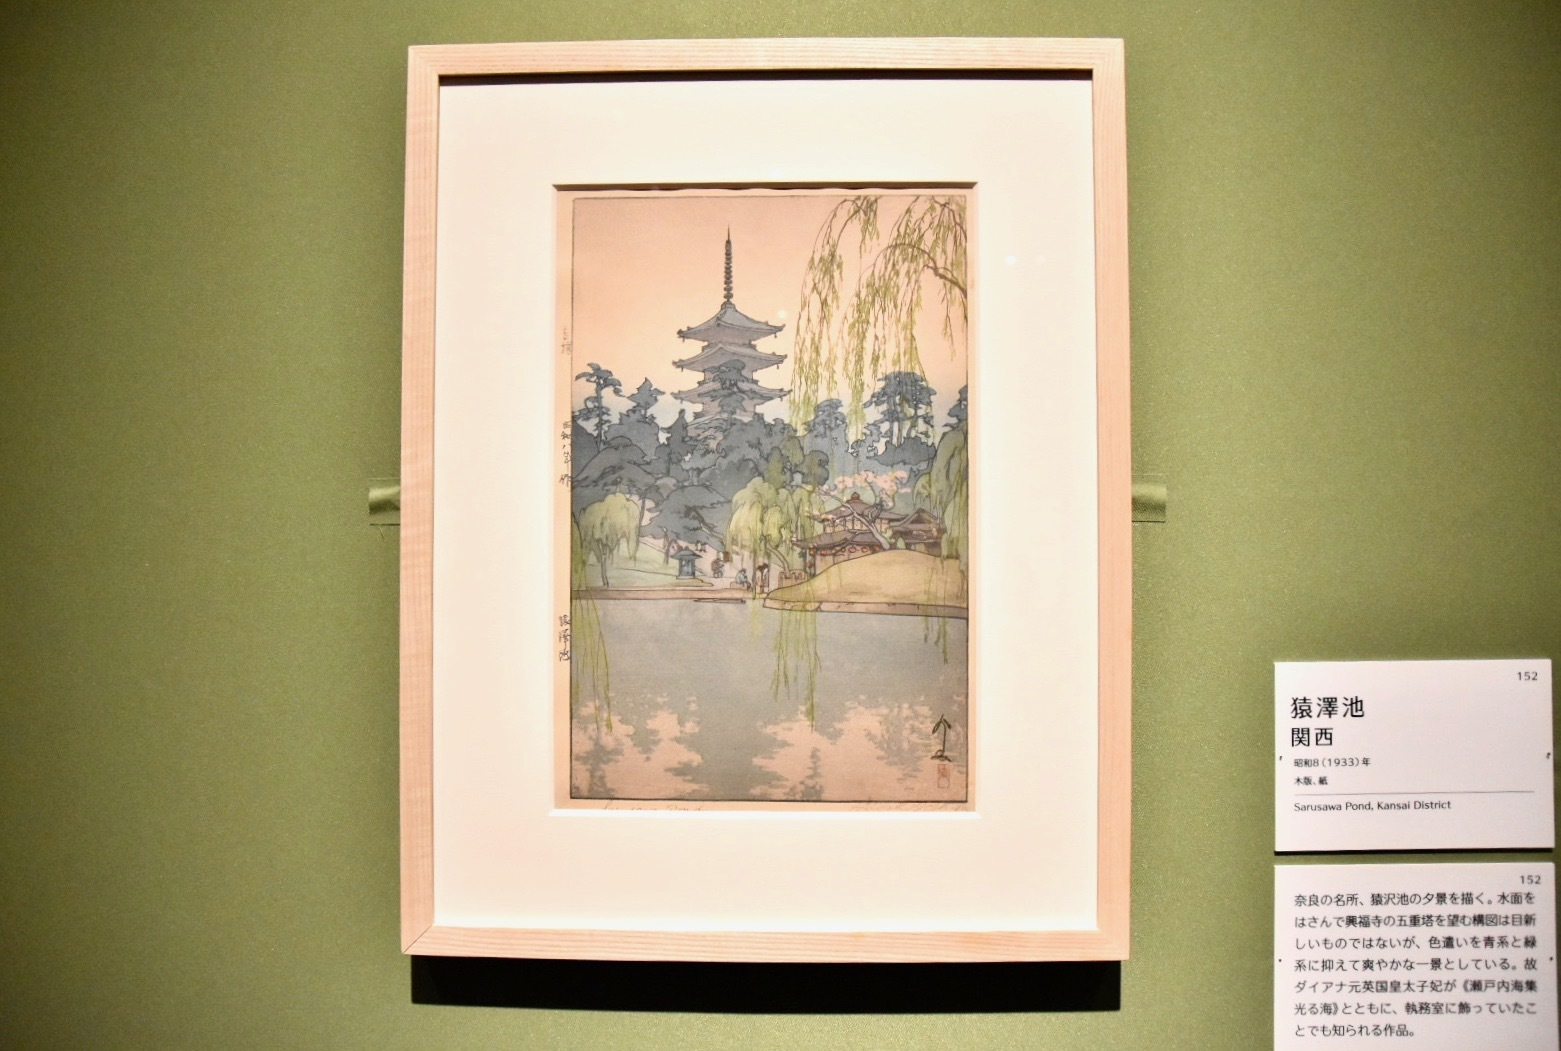 《関西 猿澤池》1933年